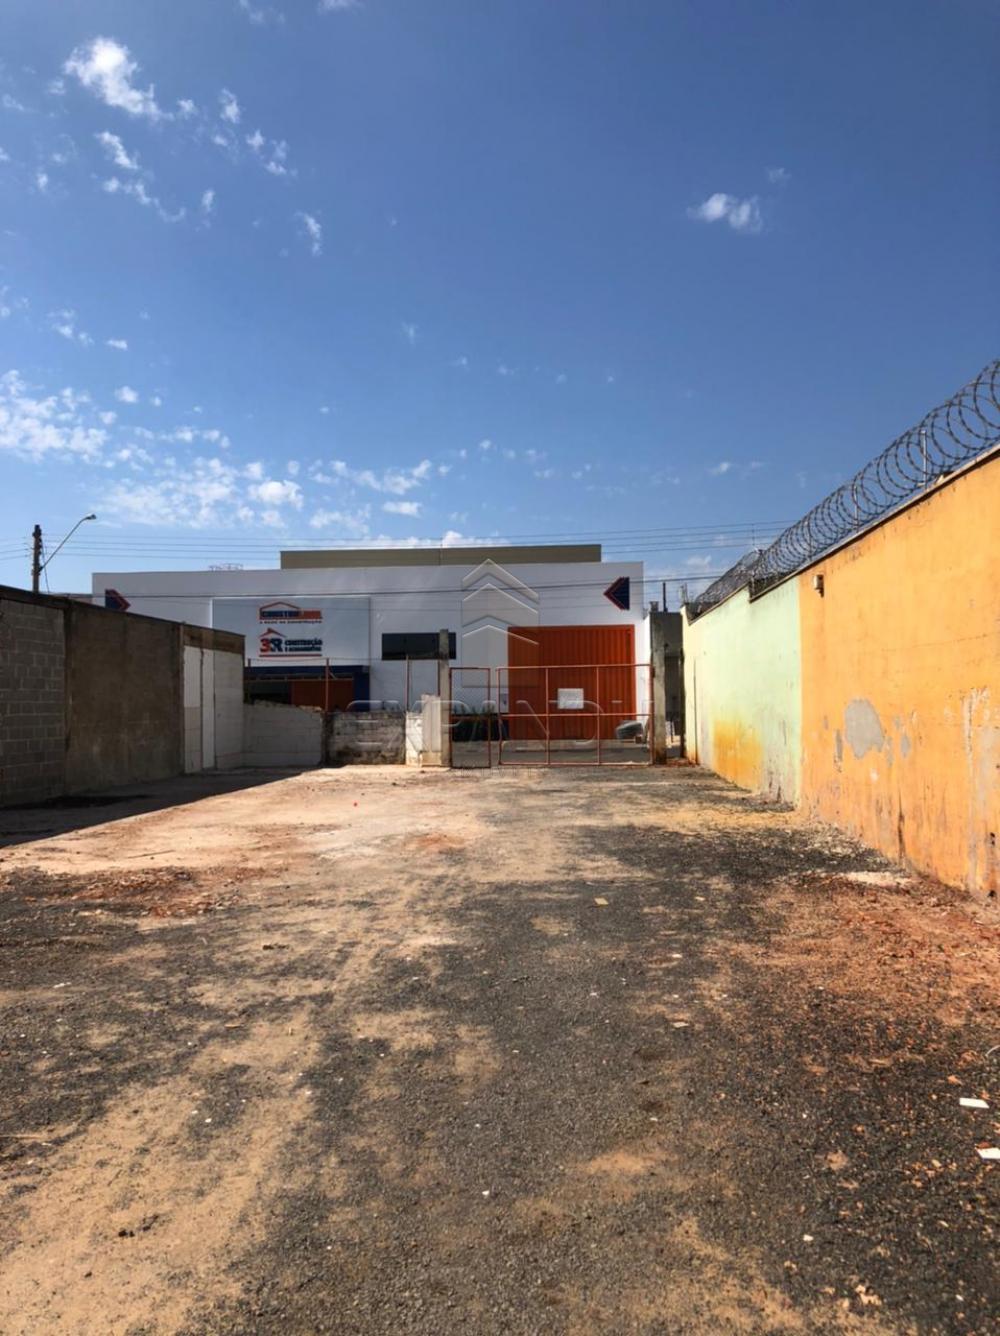 Alugar Terrenos / Padrão em Sertãozinho R$ 1.300,00 - Foto 2